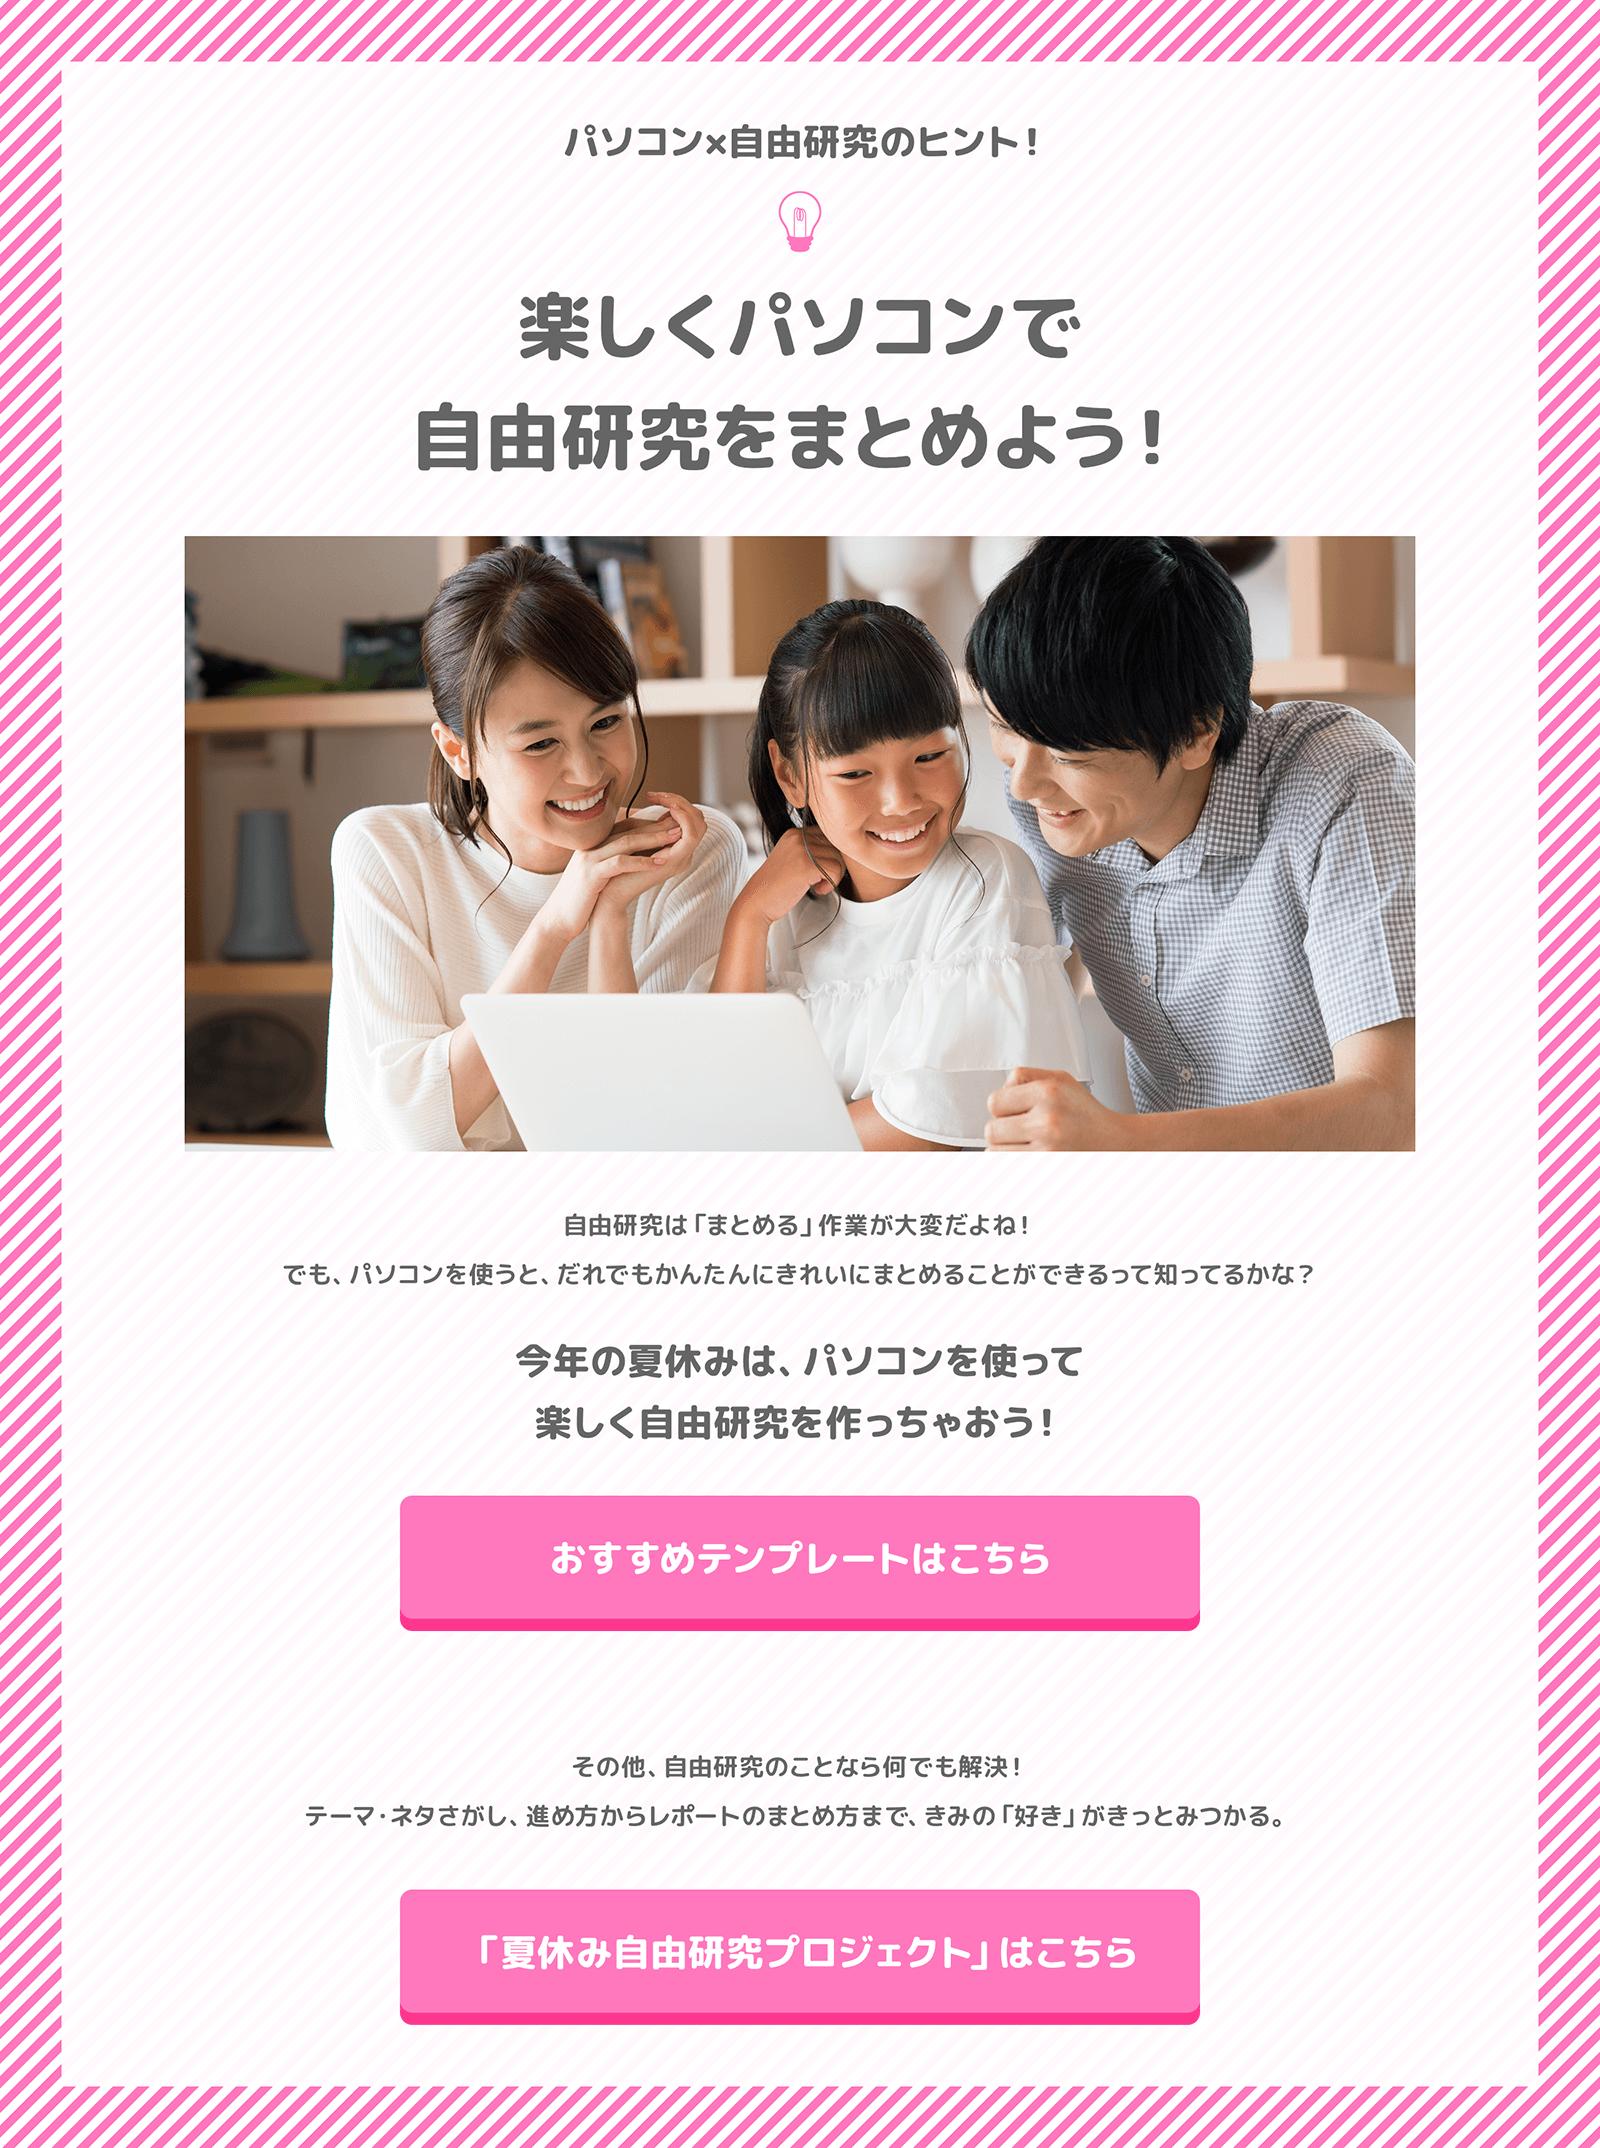 学研キッズネット「パソコン✕自由研究コンテスト2019」WEBサイト